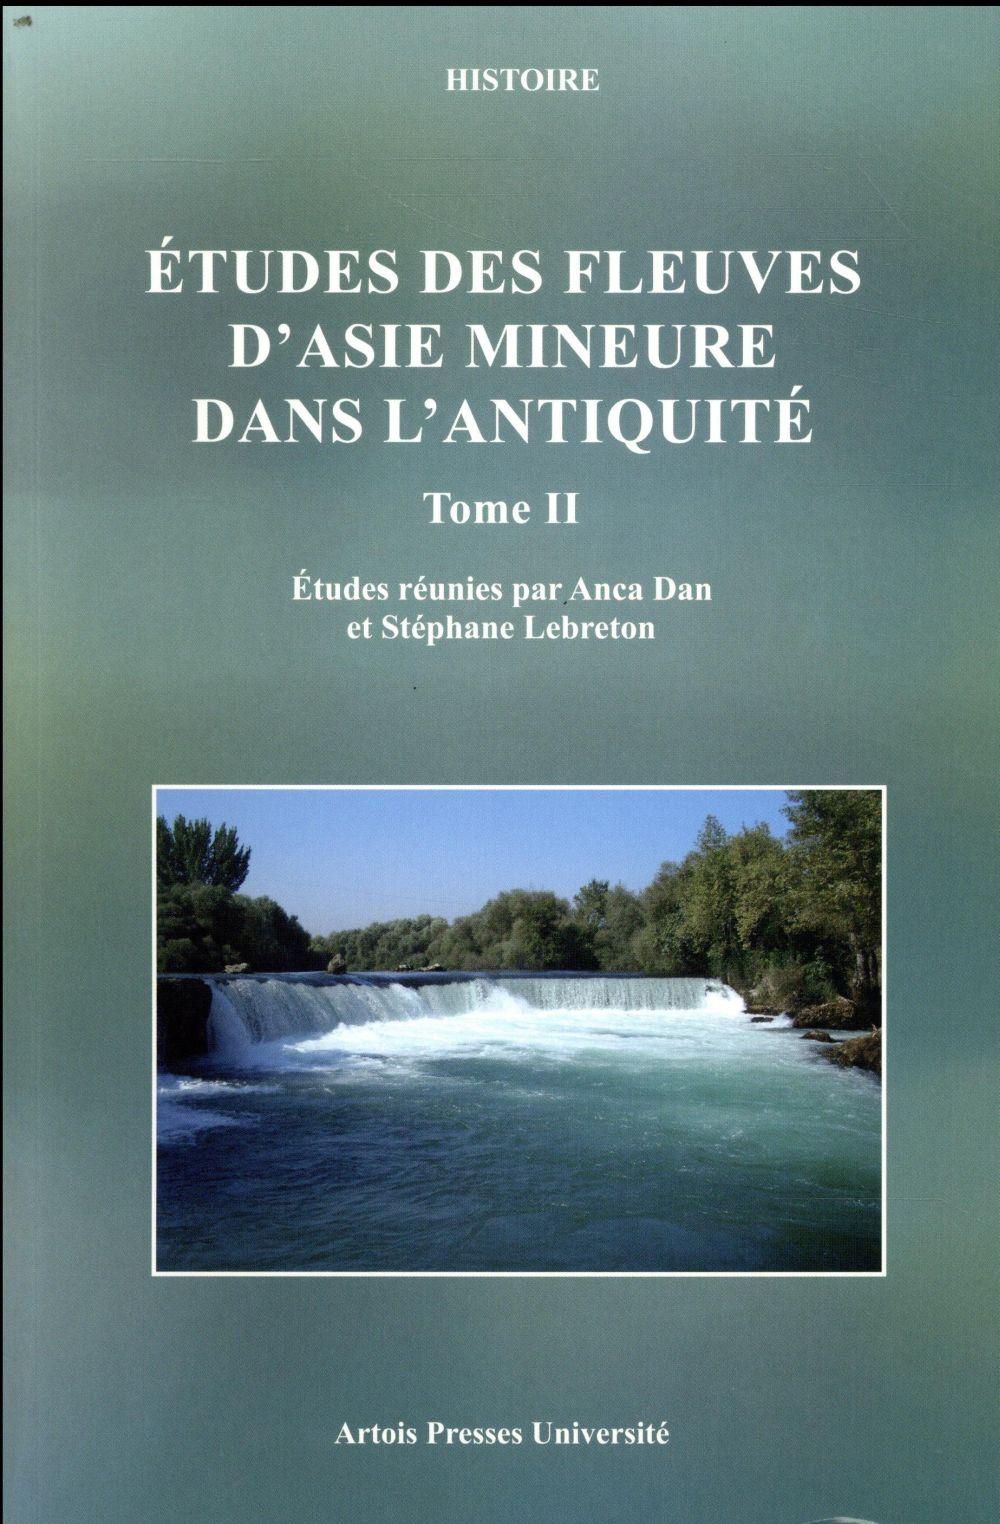 Etudes des fleuves d'asie mineure dans l'antiquite - tome ii - tome 2